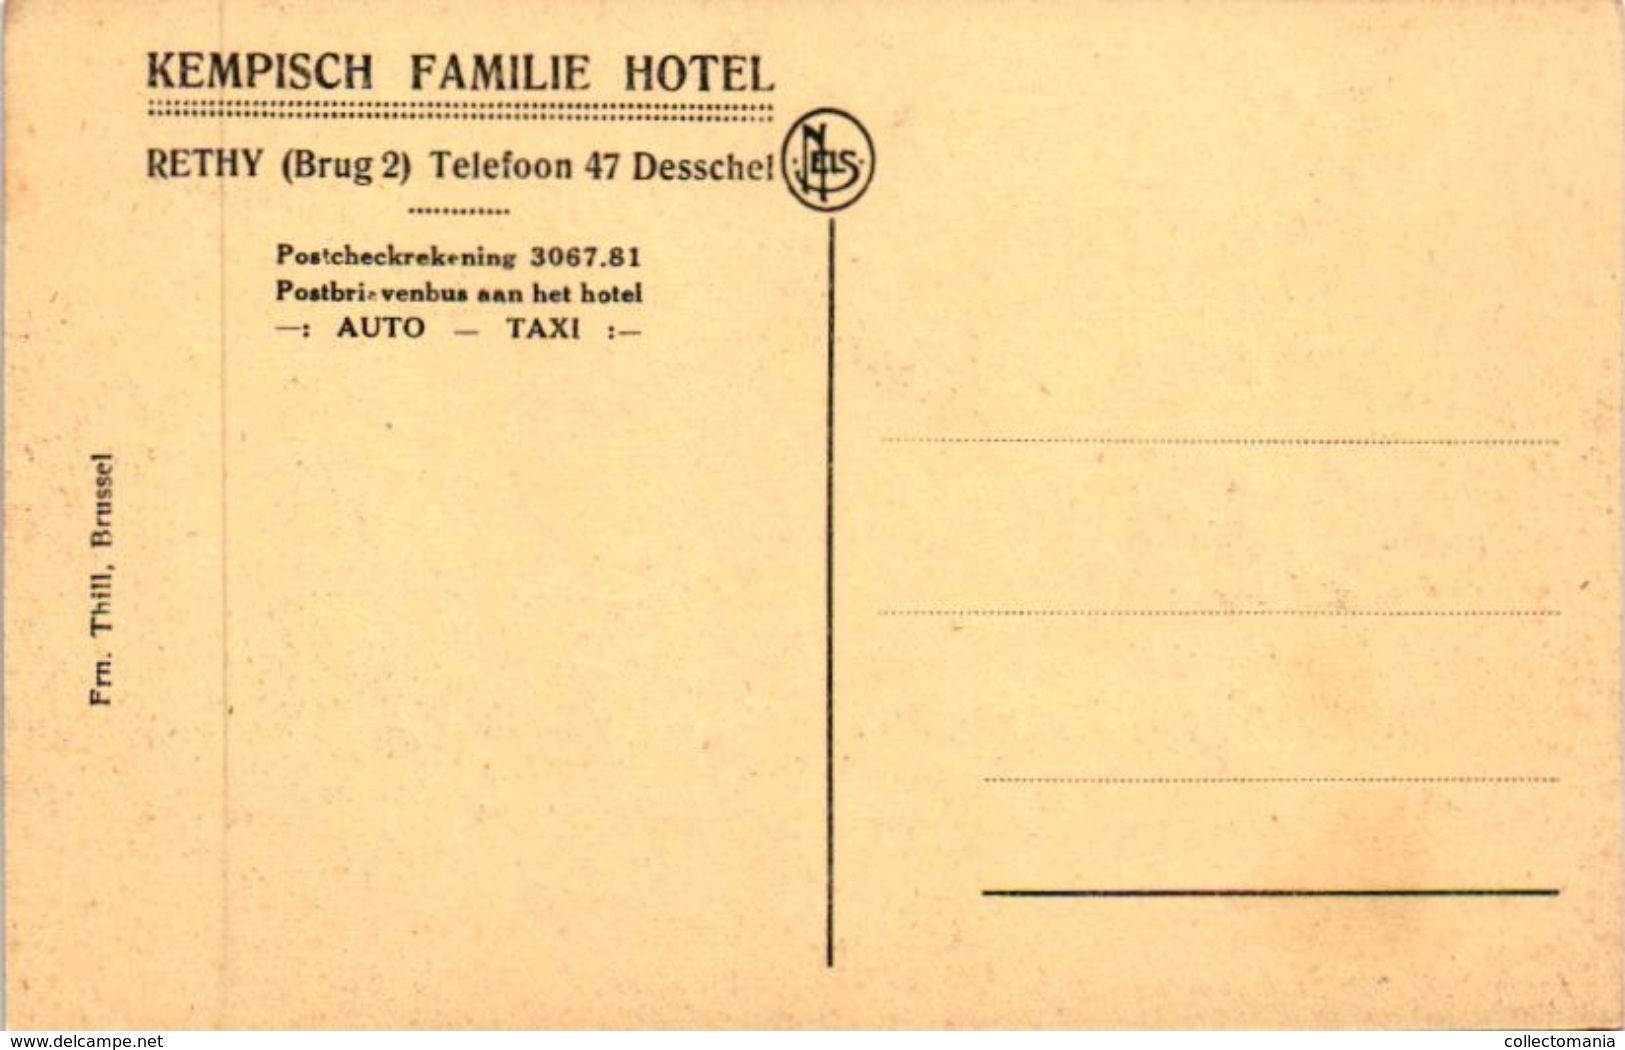 4 CP Postel  Steenweg Brug 2 Kempisch Familiehotel Rethy Telefoon 47 Desschel   Abdij - Retie